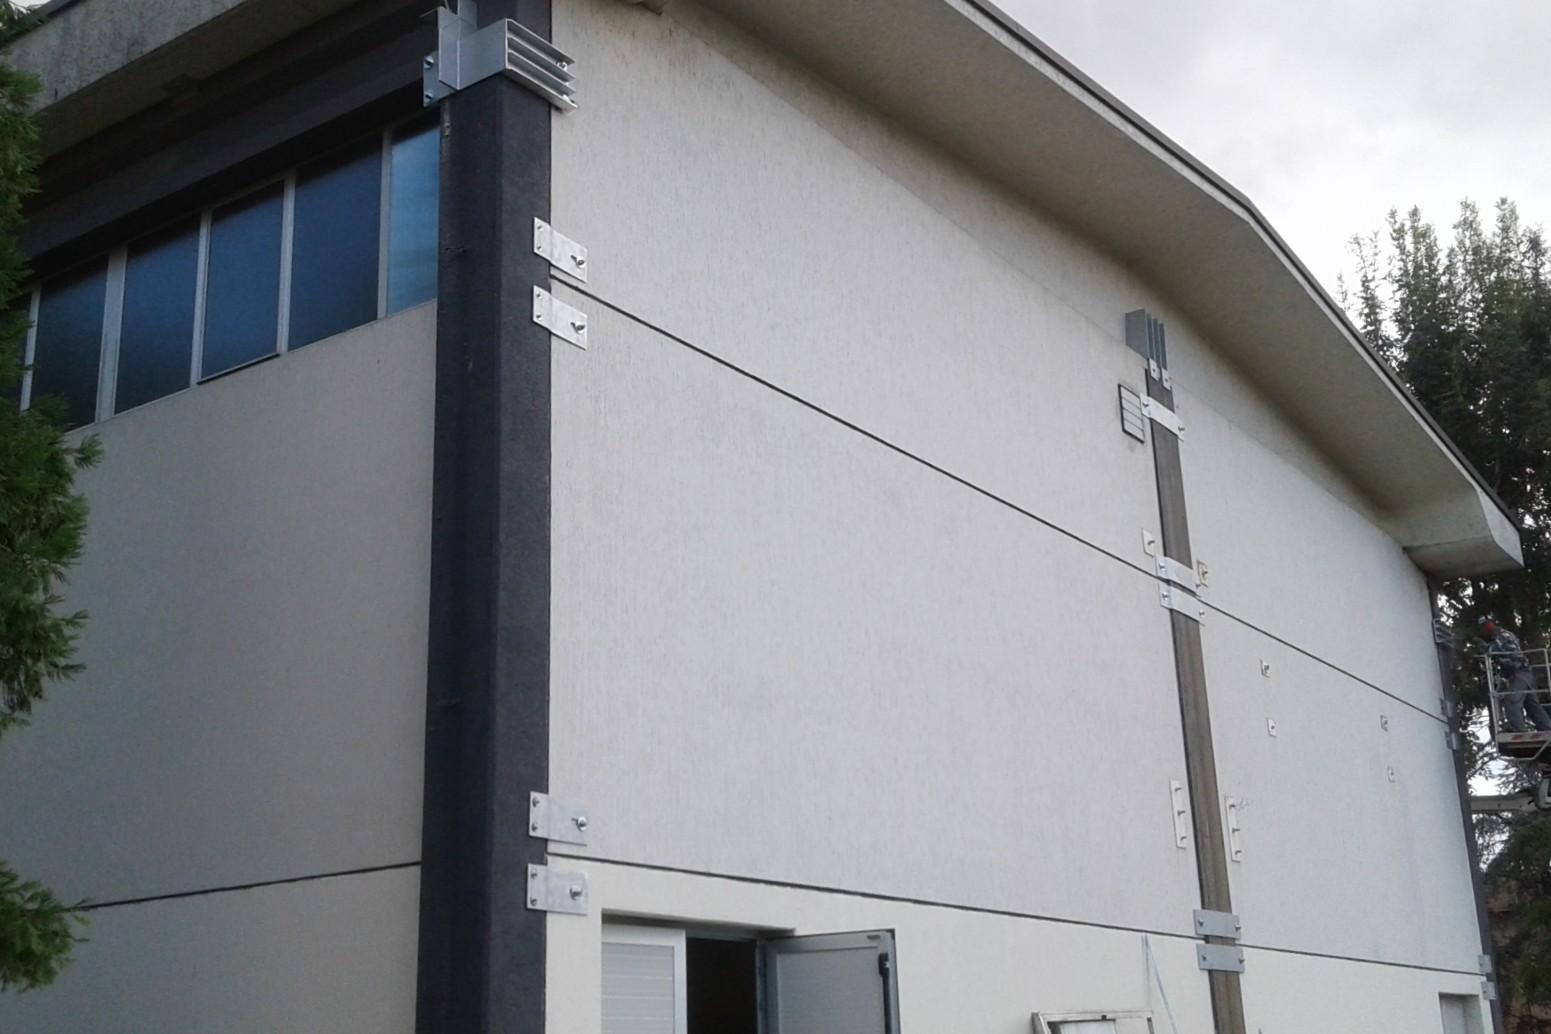 Vincolo trave pilastro e collegamenti anti ribaltamento dei pannelli esterni - ITON SRL